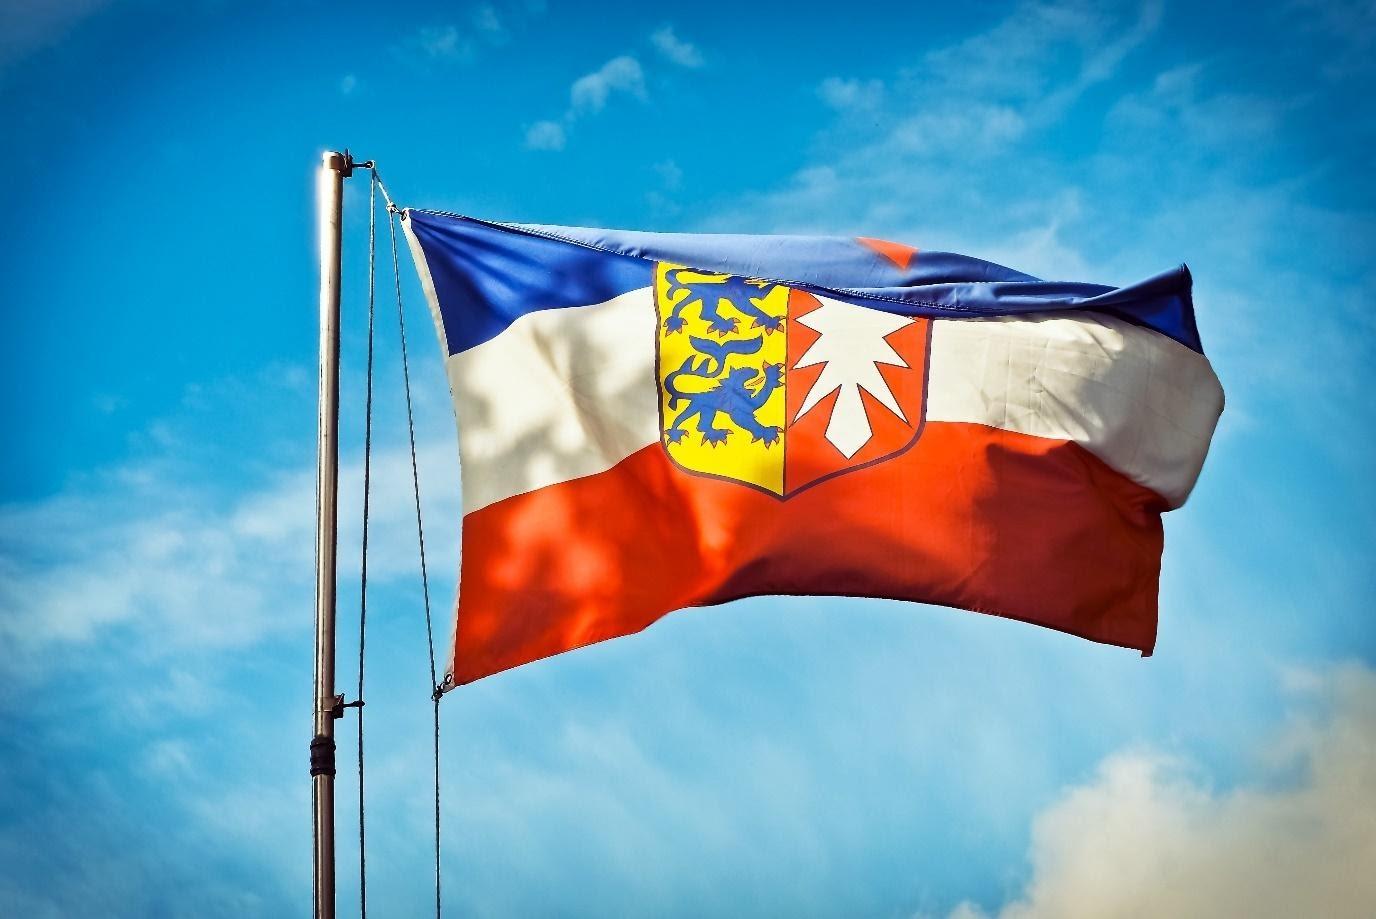 Flagge von Schleswig-Holstein vor blauem Himmel